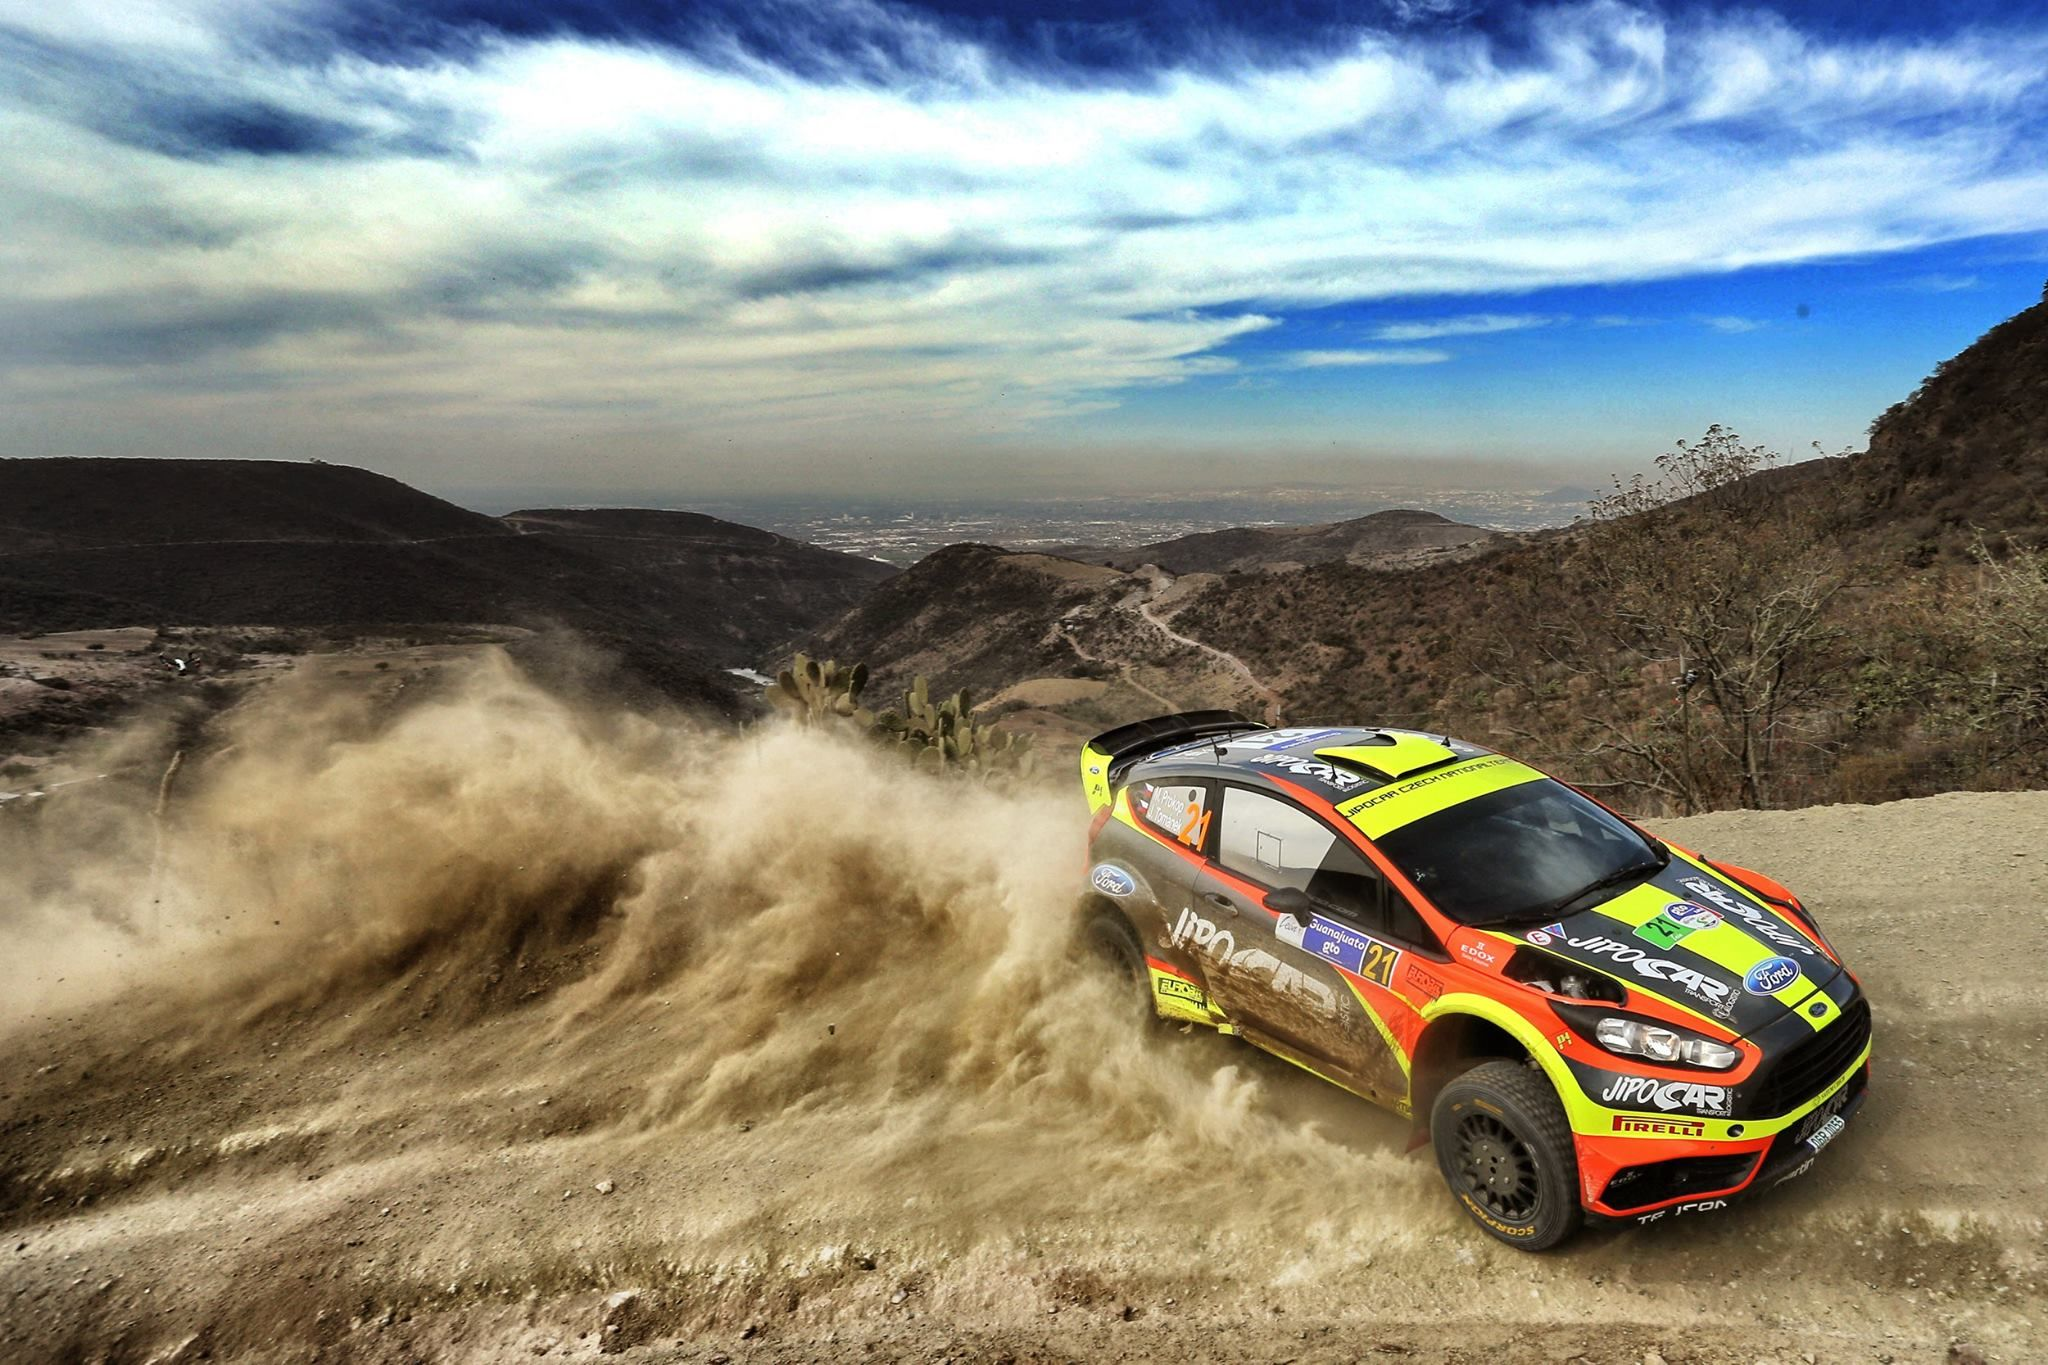 10+ Ford focus rs rally car ideas